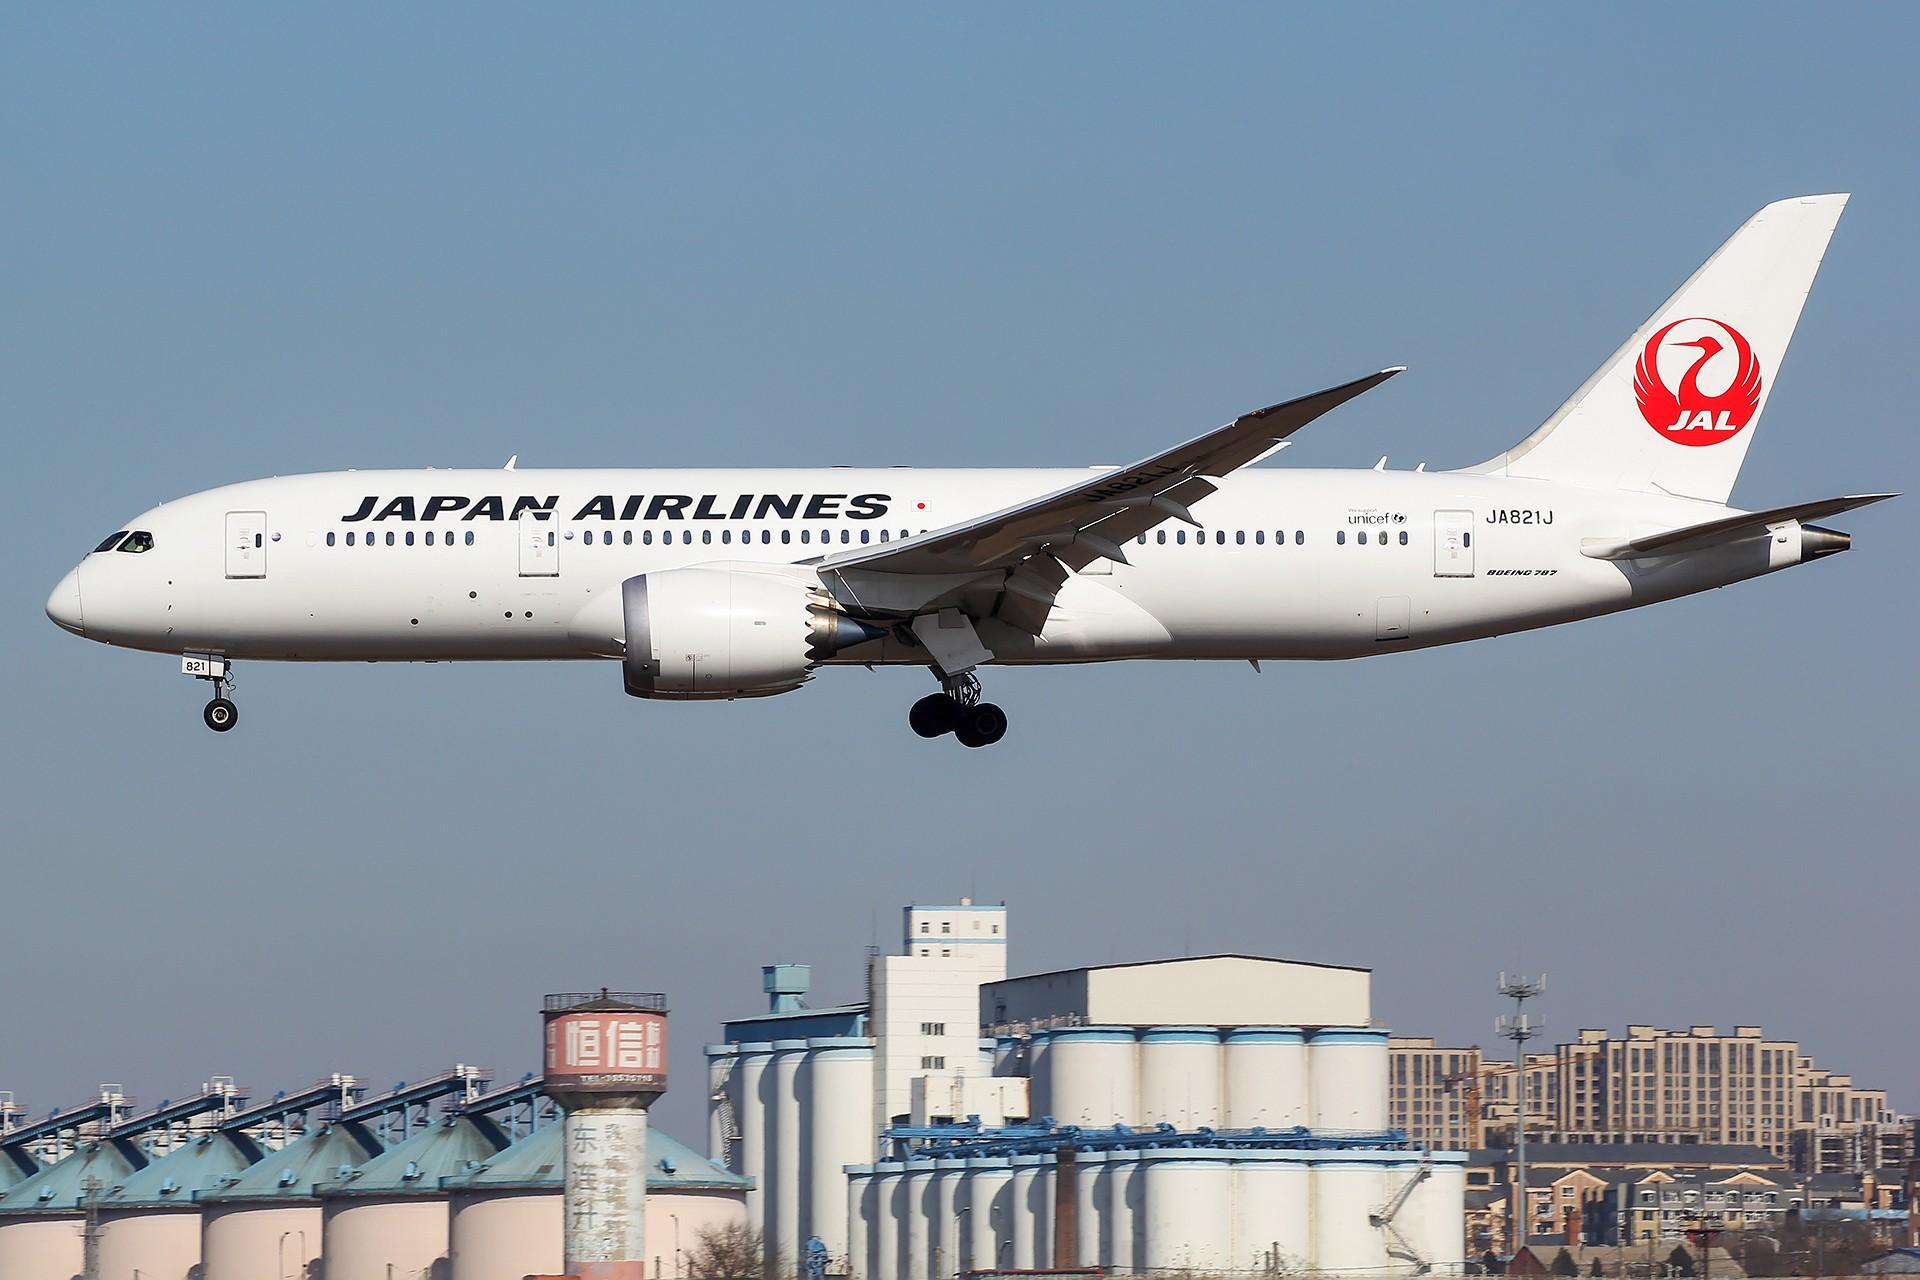 [原创]DLC]。。。日本航空787-8三图。。。 BOEING 787-8 JA821J 中国大连国际机场